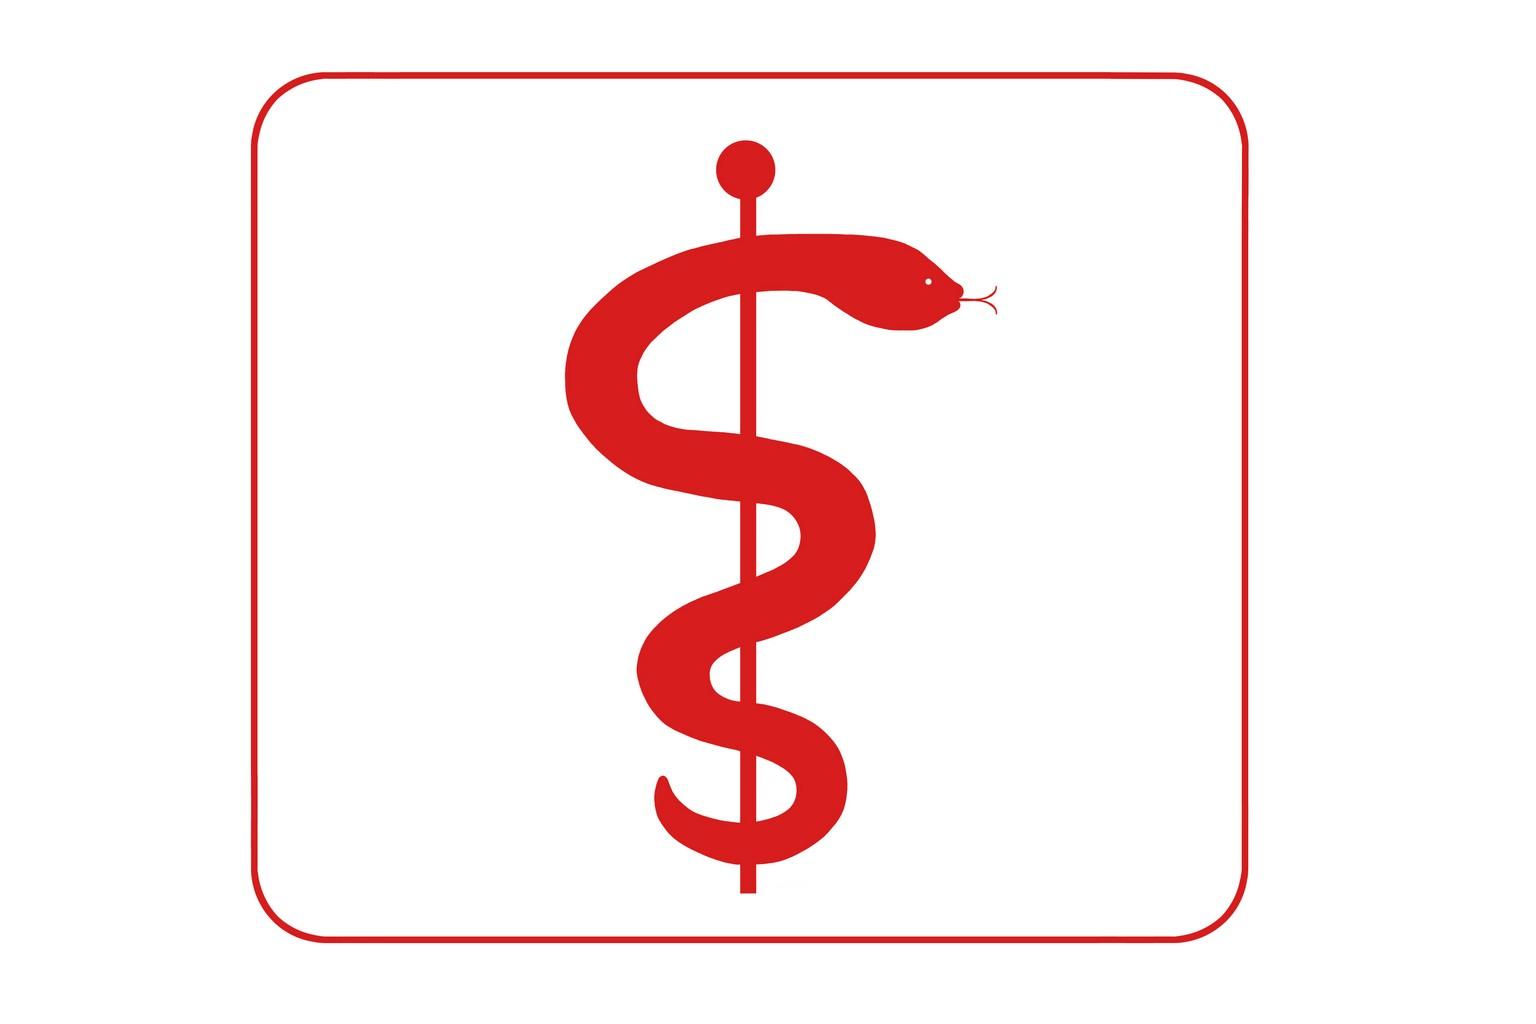 medecin anesthesiste en anglais Traduction de 'médecin' dans le dictionnaire français-anglais gratuit et beaucoup d'autres traductions anglaises dans le dictionnaire babla.